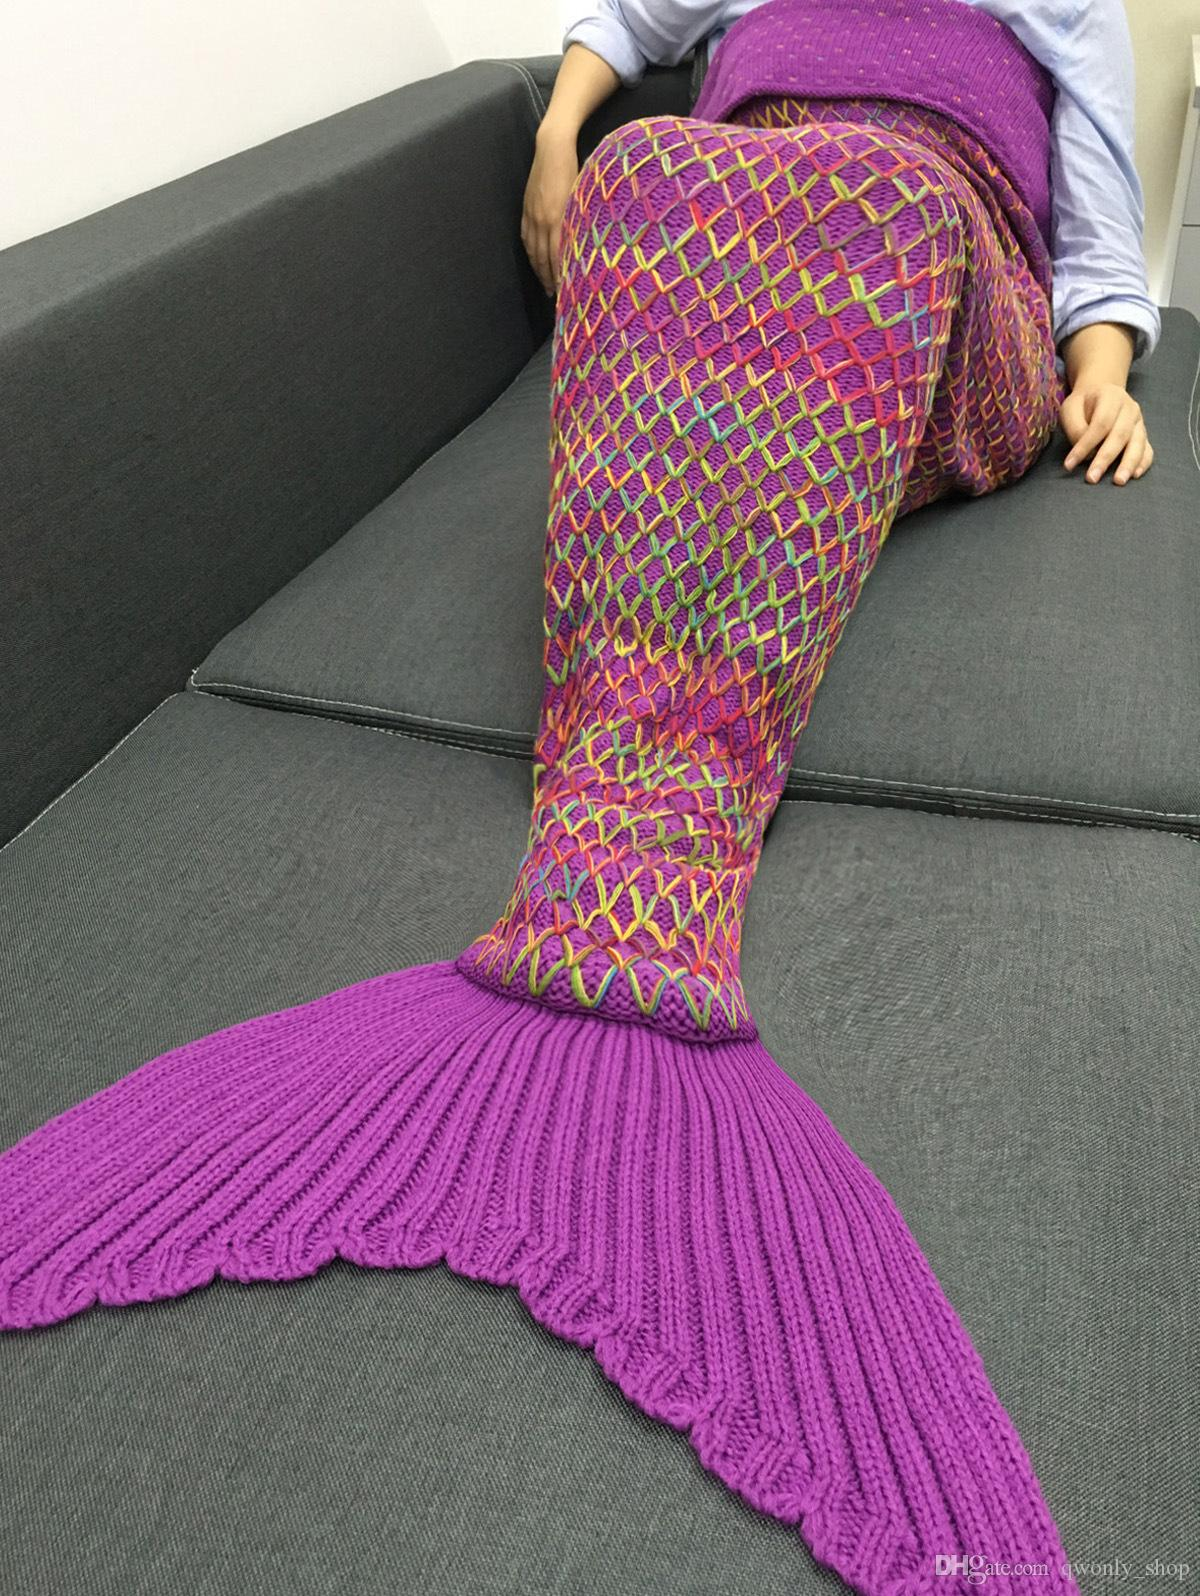 2017 navidad regalo de navidad arco iris sirena manta patrón crochet sirena cola manta adulto hilo de dormir de punto sirena cola 180 * 90 cm